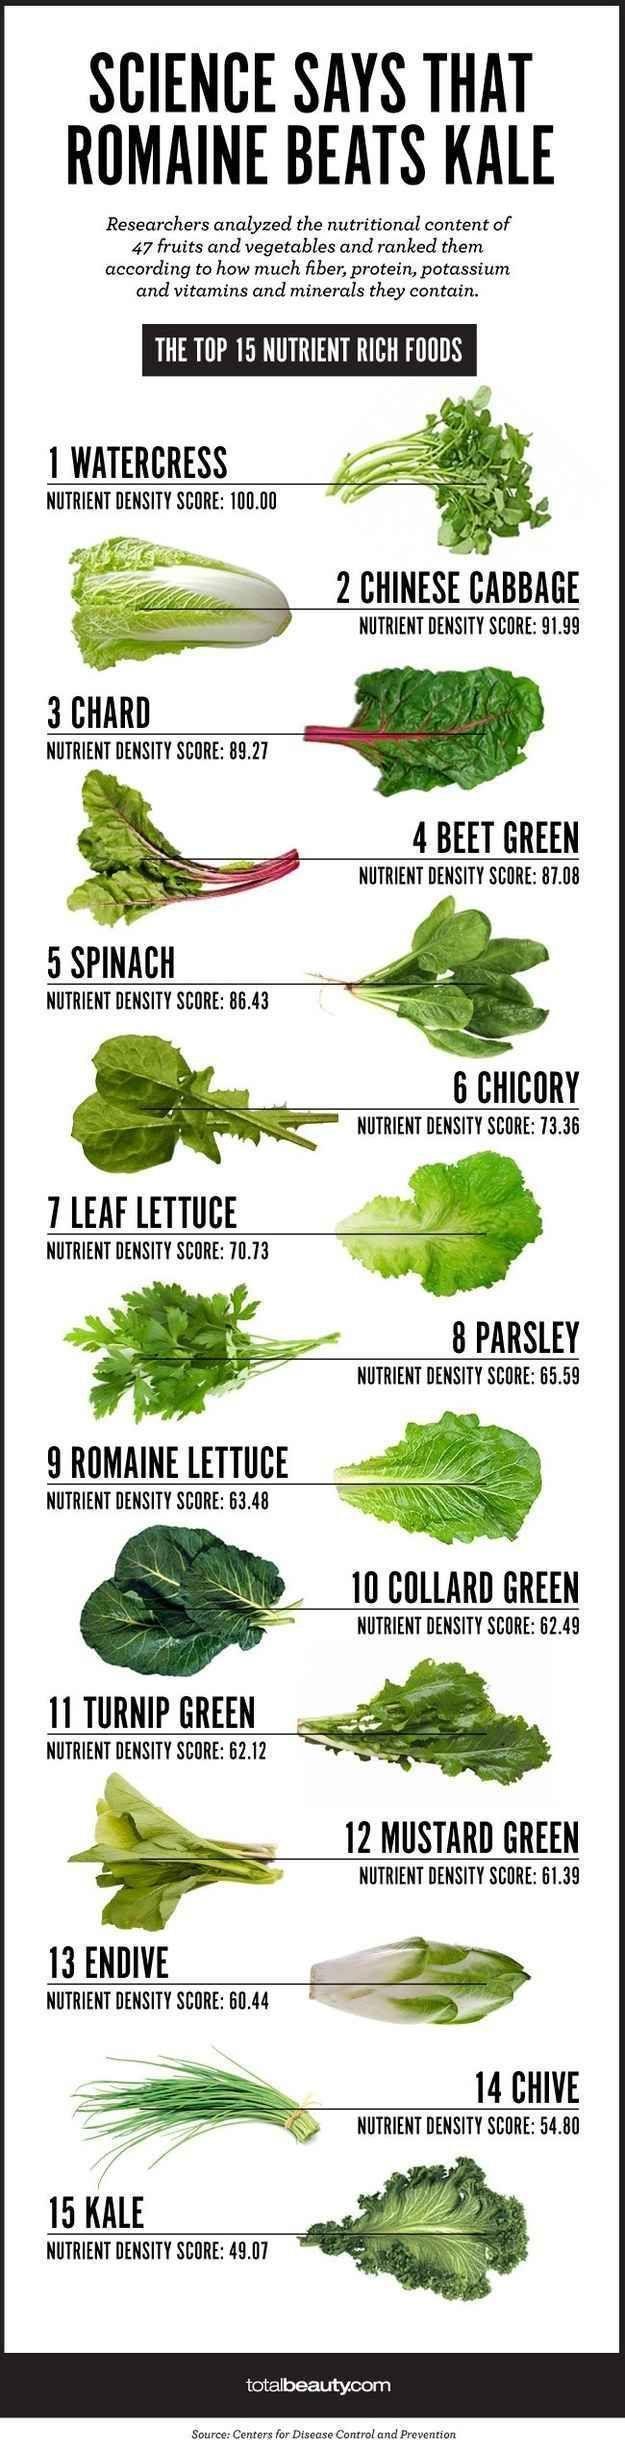 For choosing the best veggies. Science says romaine beats kale in nutrient density.